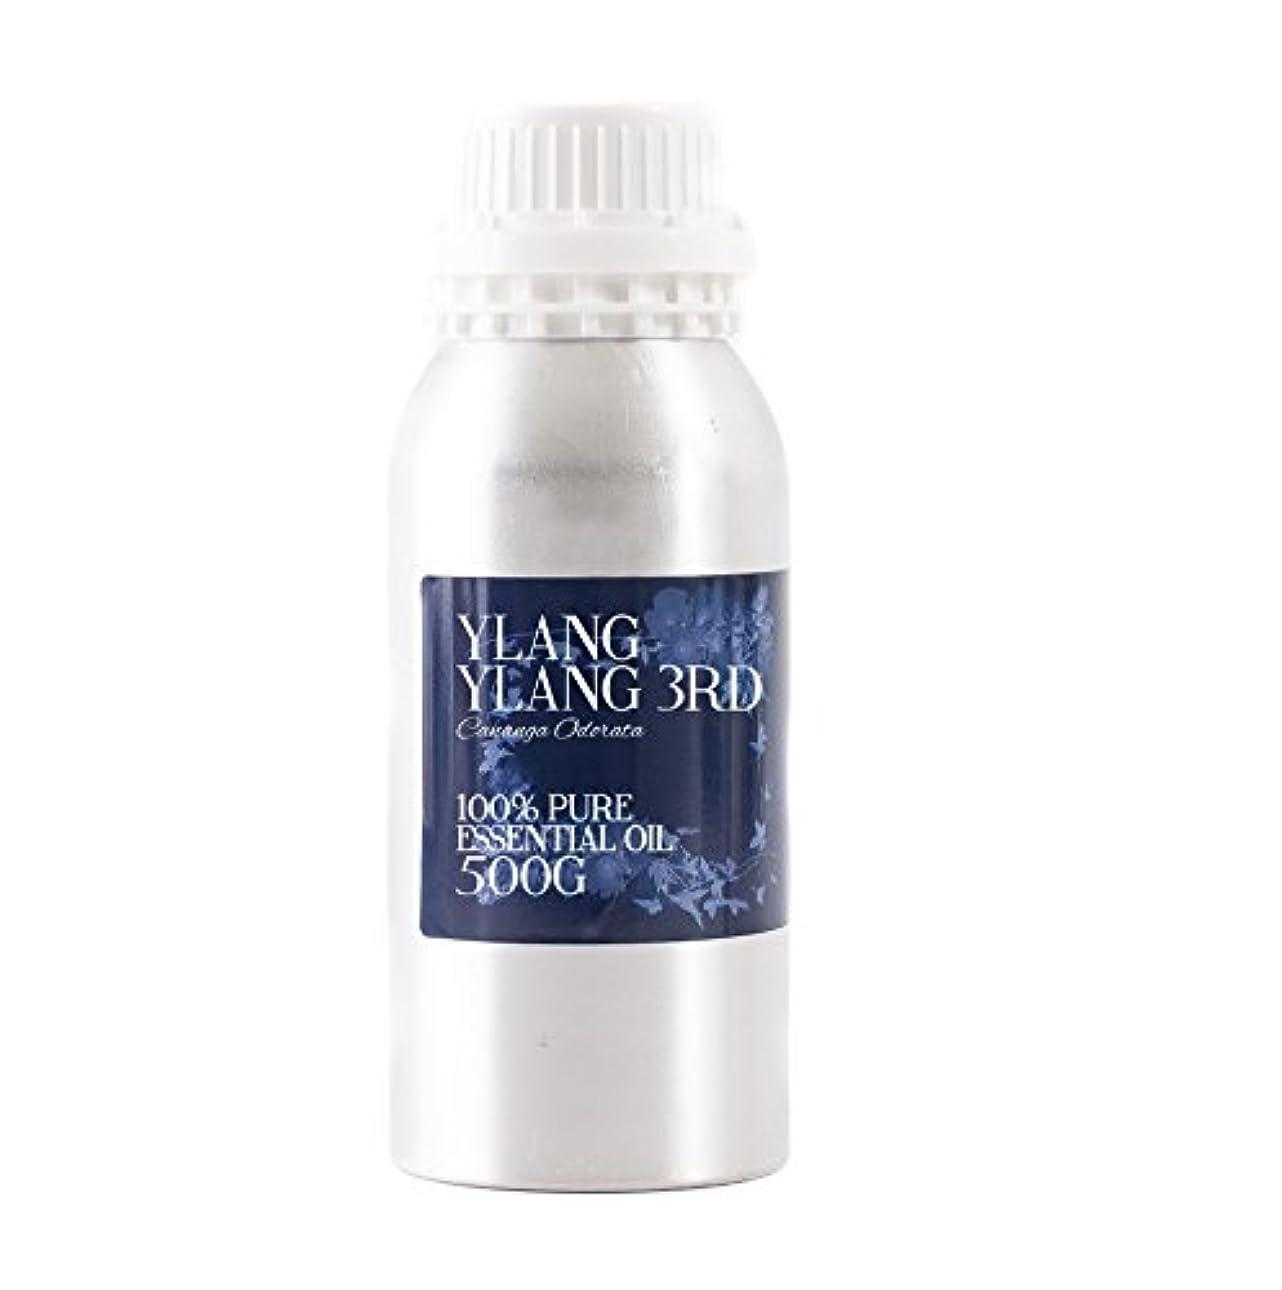 気付くマザーランドショップMystic Moments | Ylang Ylang 3rd Essential Oil - 500g - 100% Pure